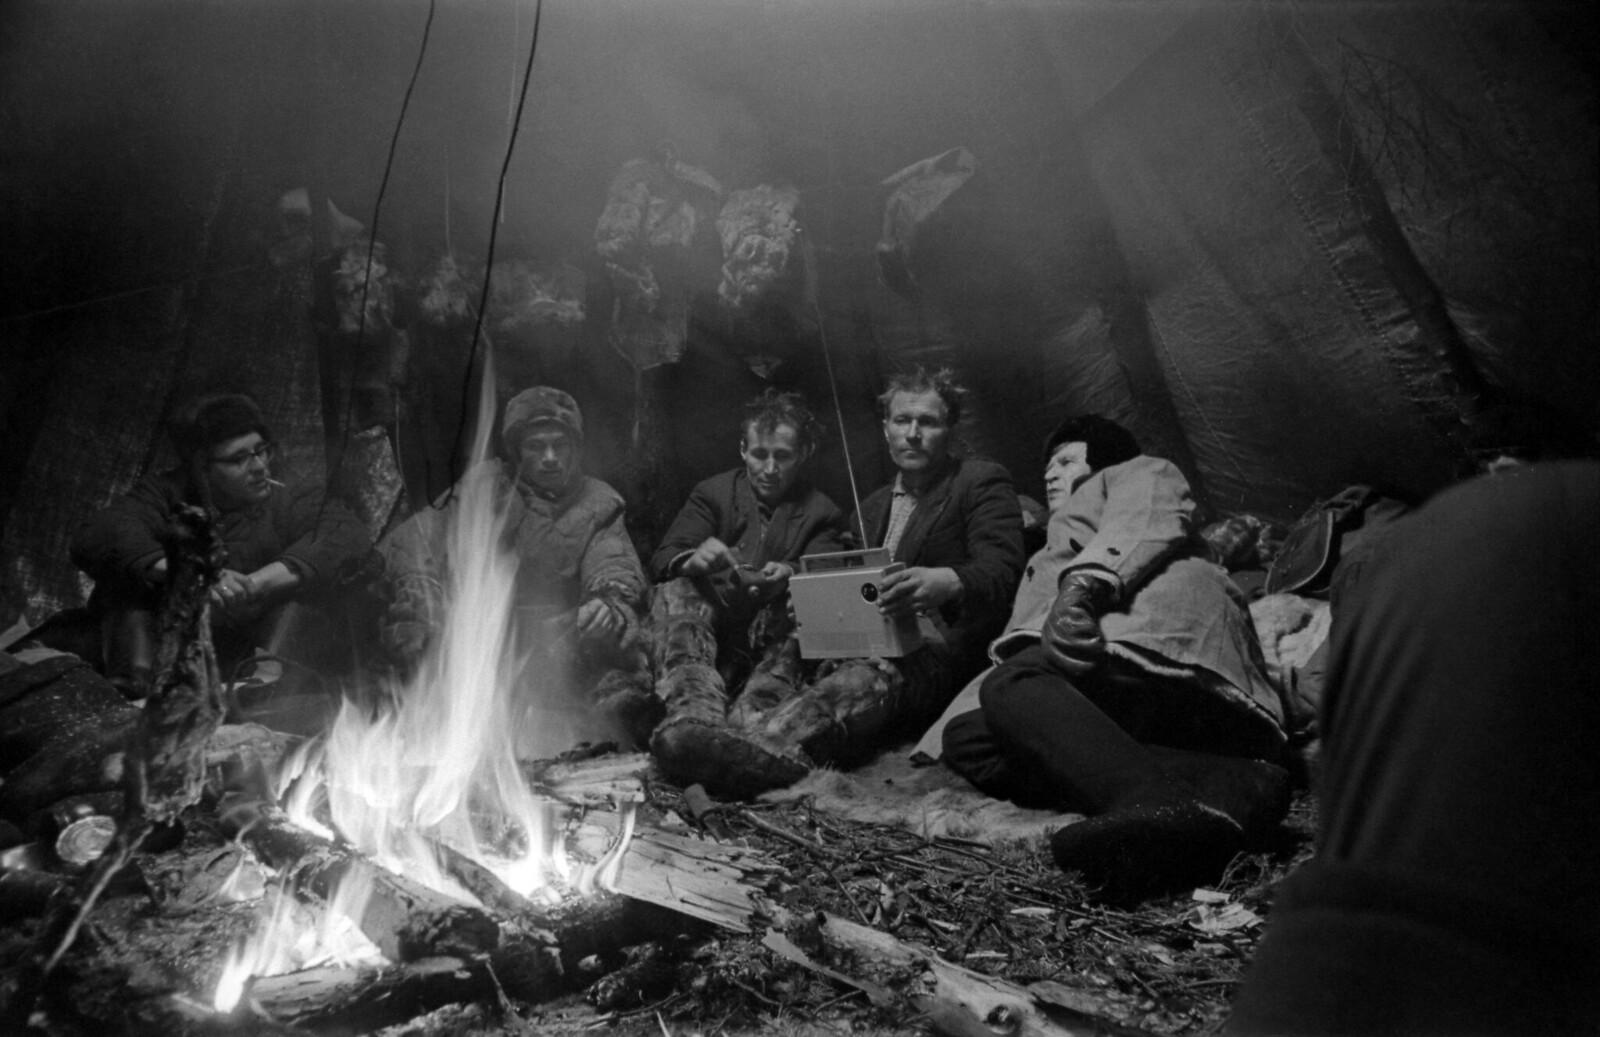 1968. В чуме оленеводов, тундра Ловозерская, Кольский полуостров